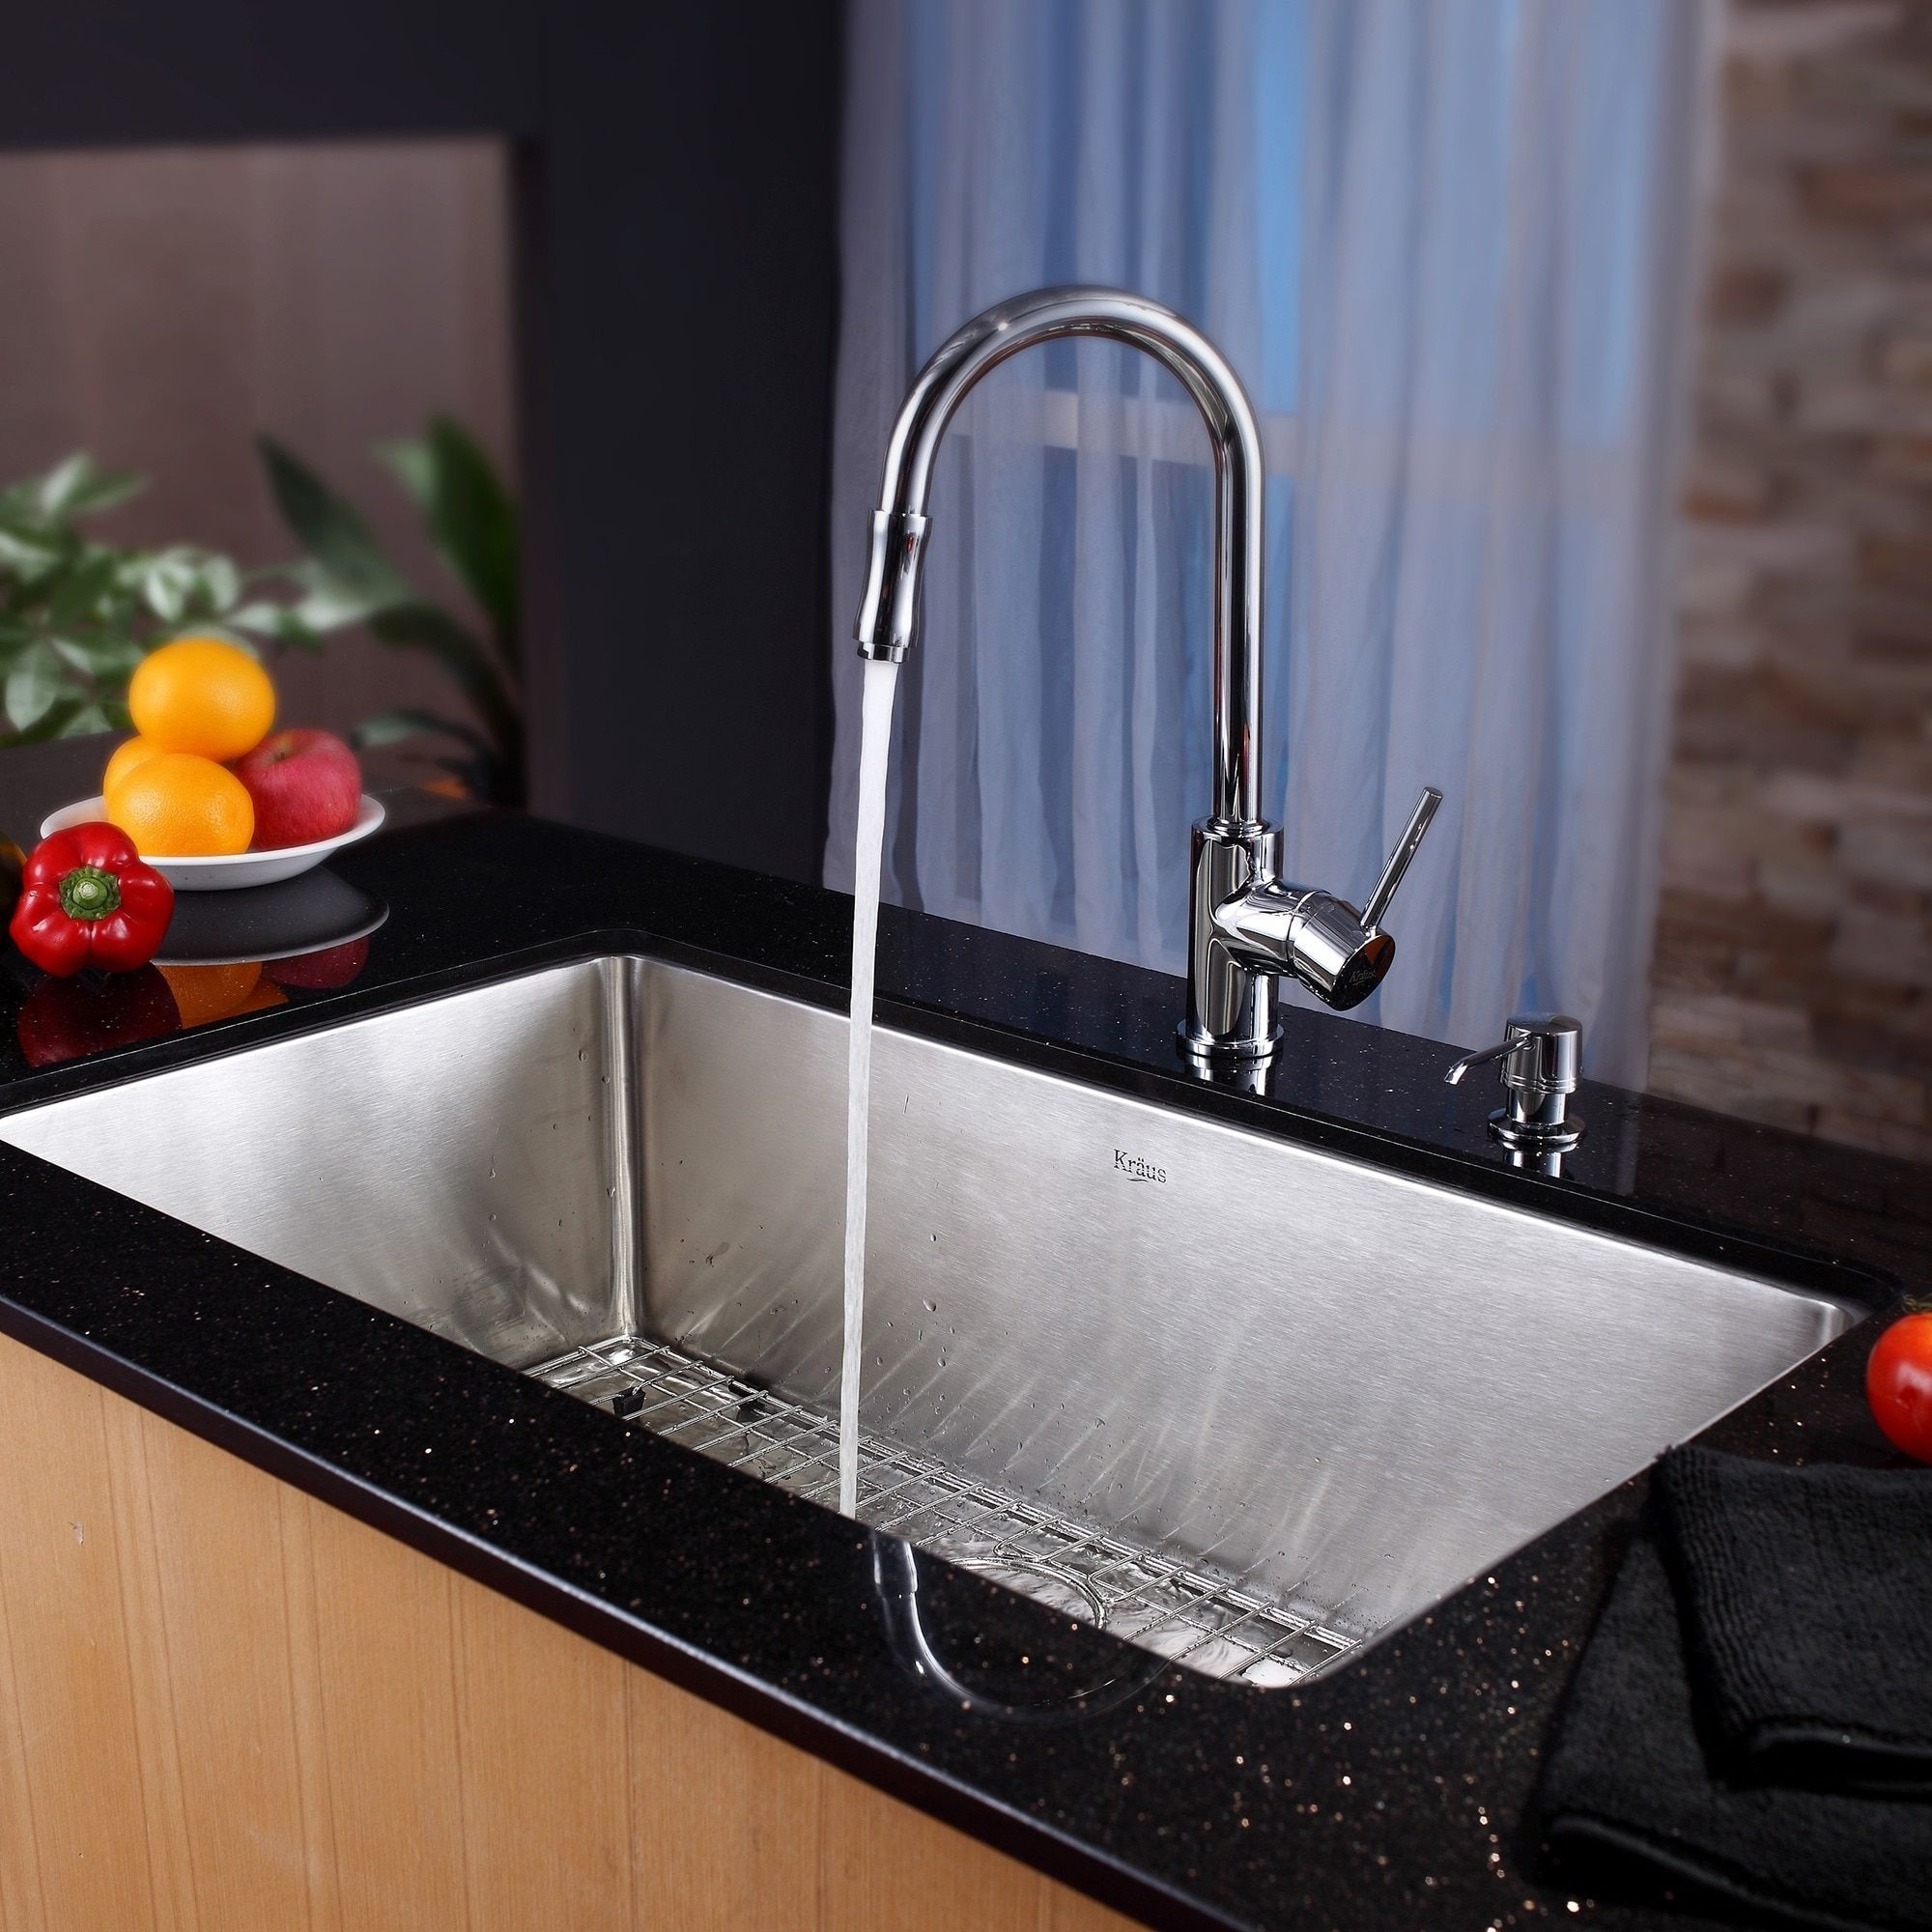 Kraus 32 Inch Undermount Single Bowl Stainless Steel Kitchen Sink ...